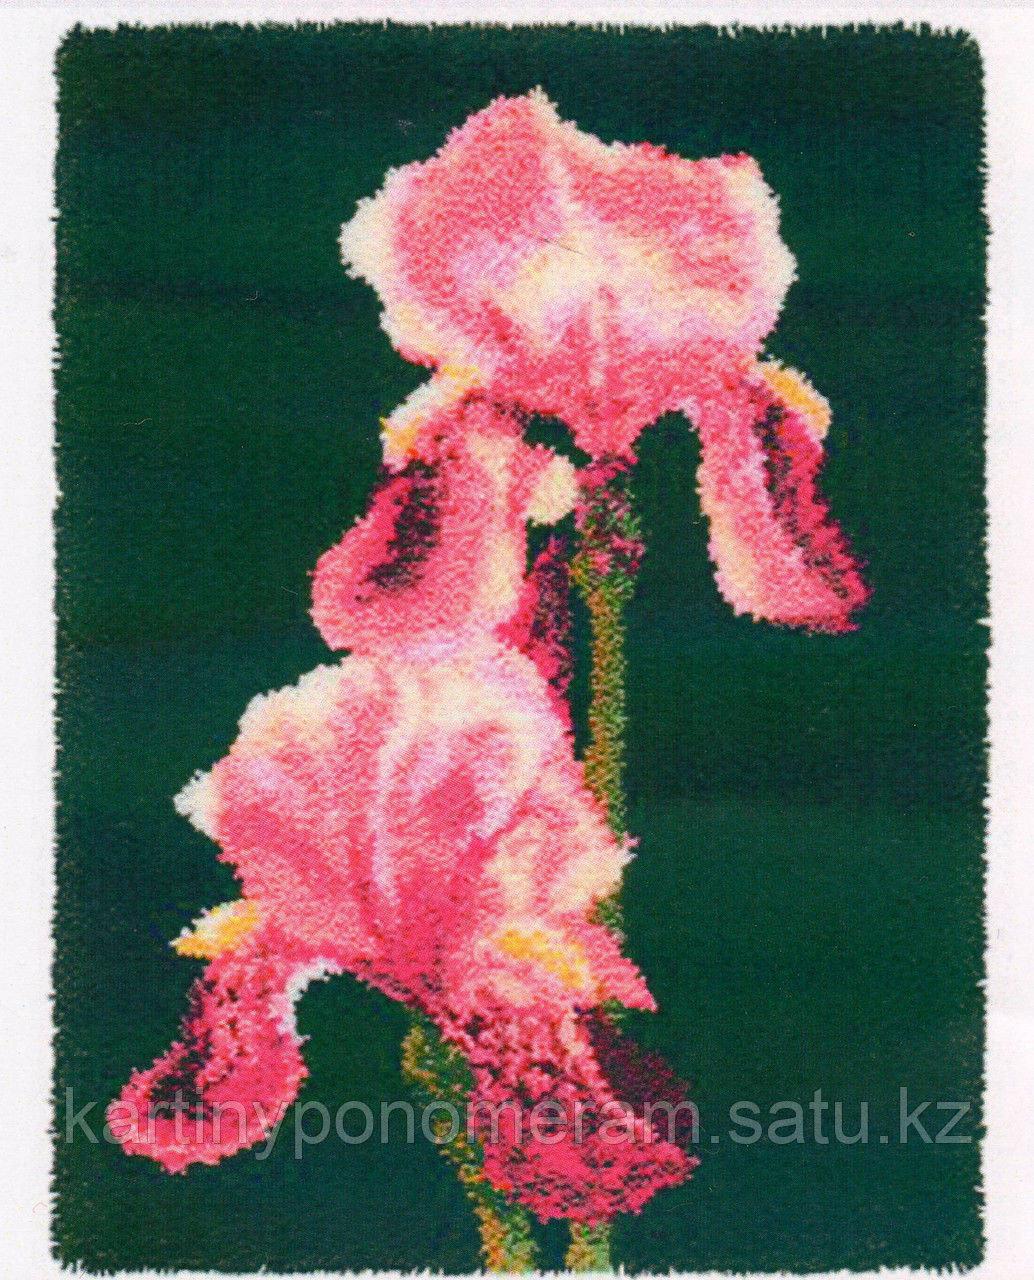 Вышивка в ковровой технике ZD158, 52x38см